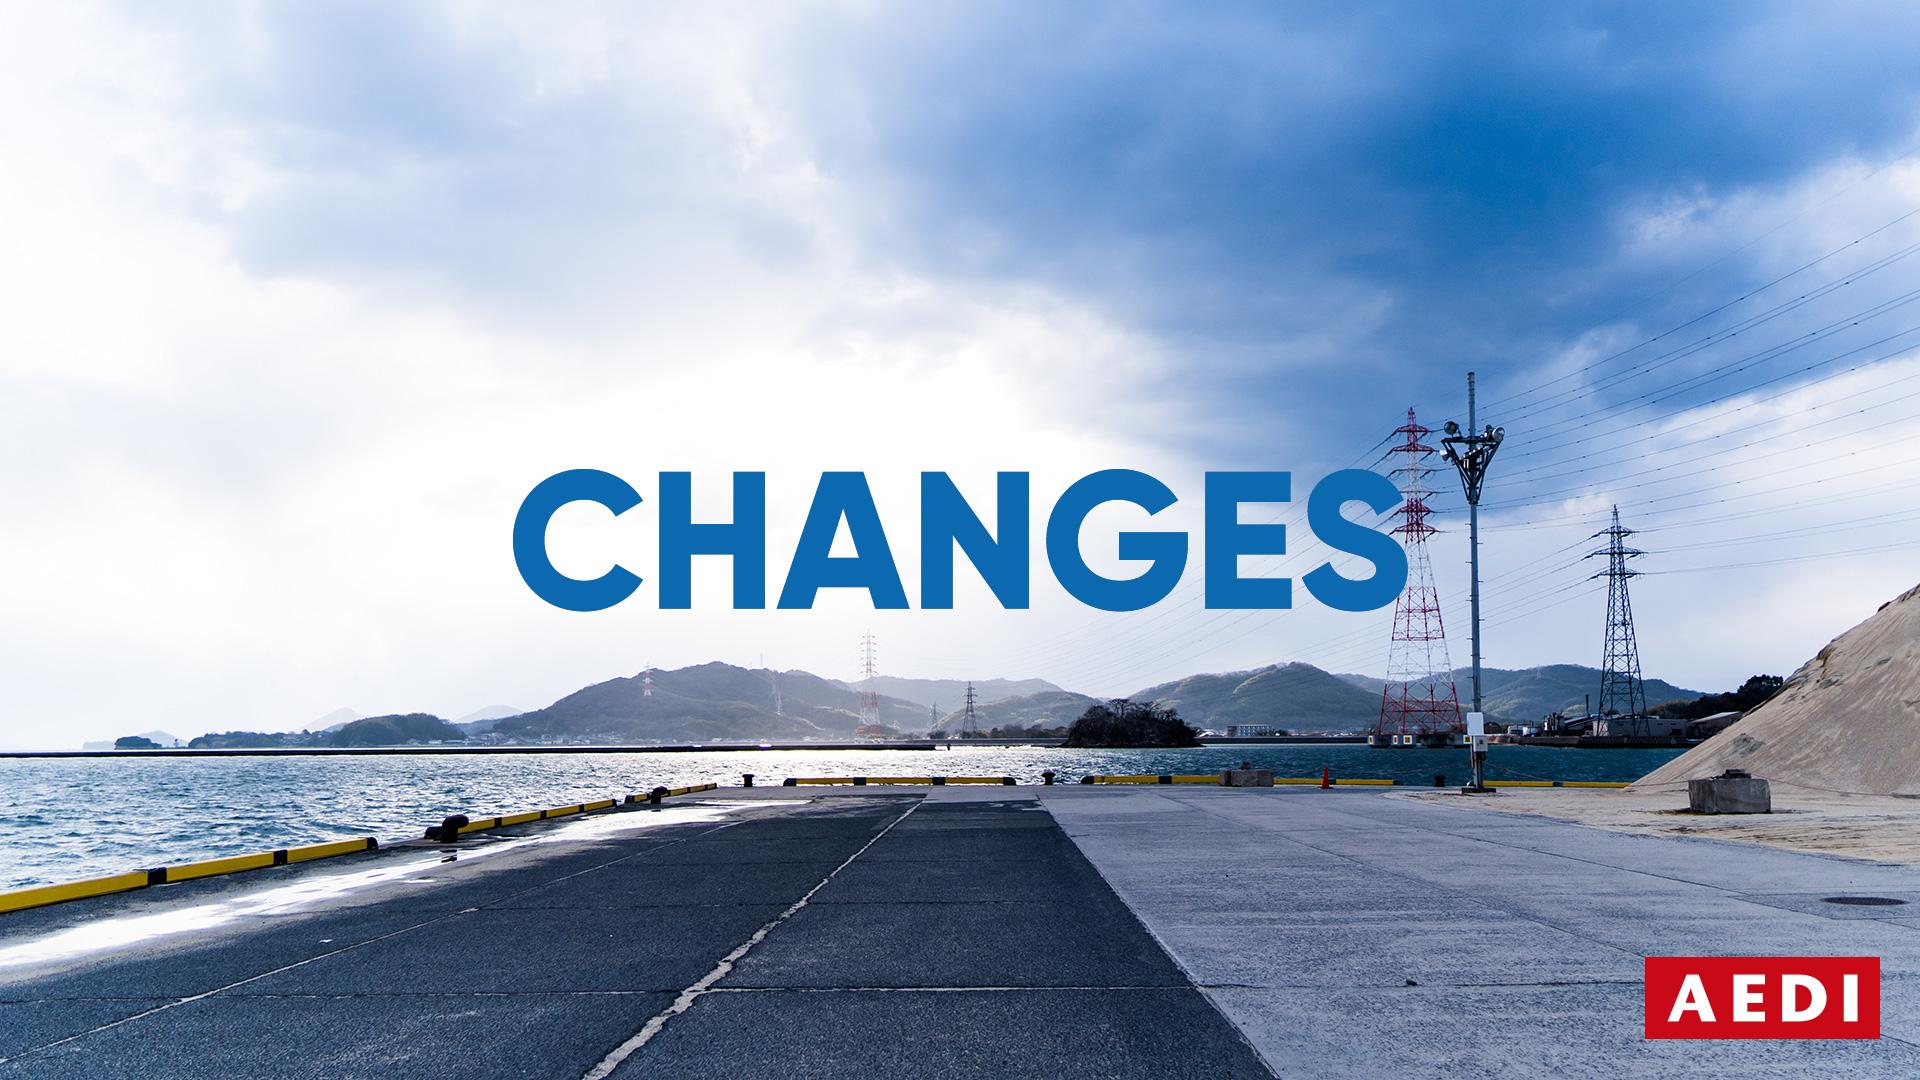 CHANGES(水島港)- 岡山 倉敷のホームページ制作会社・デザイン会社 AEDIからのご提案: 今こそもっとWeb、ホームページを活用していきましょう!